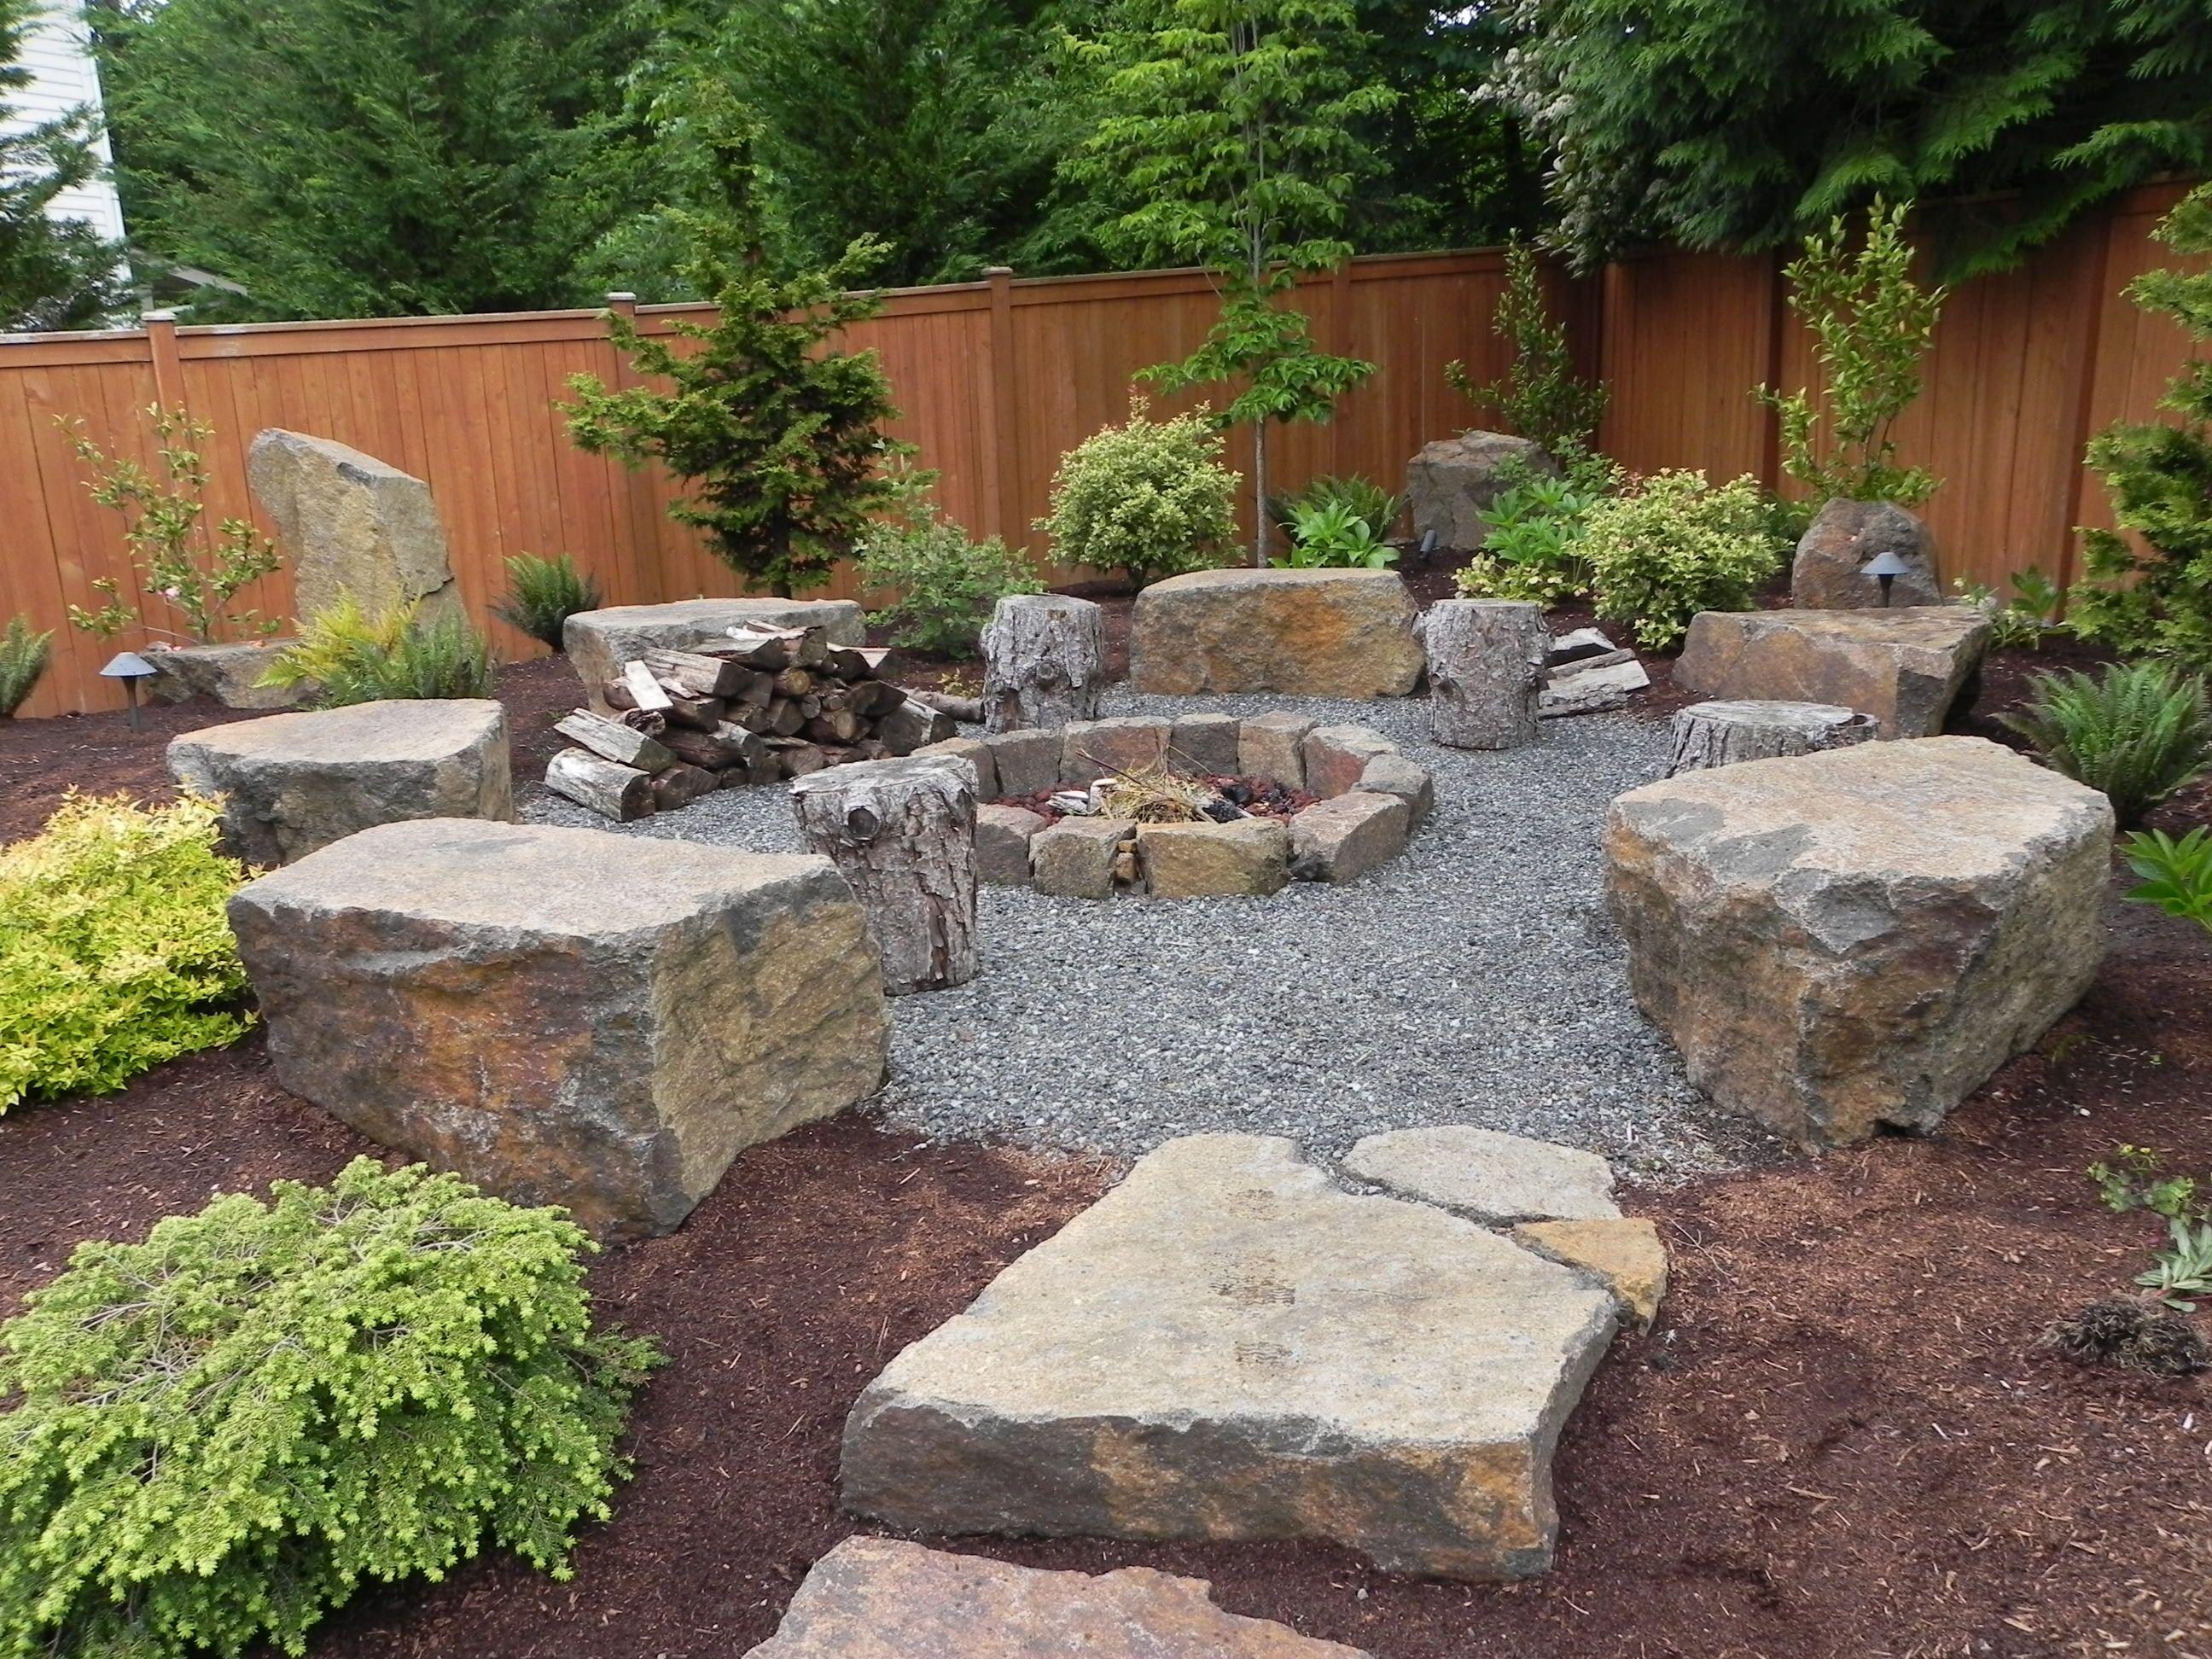 Furniture Large Fire Pit With Large Stone As A Seat Also Plants Feuerstellen Fur Die Terrasse Garten Landschaftsdesign Feuerstelle Garten